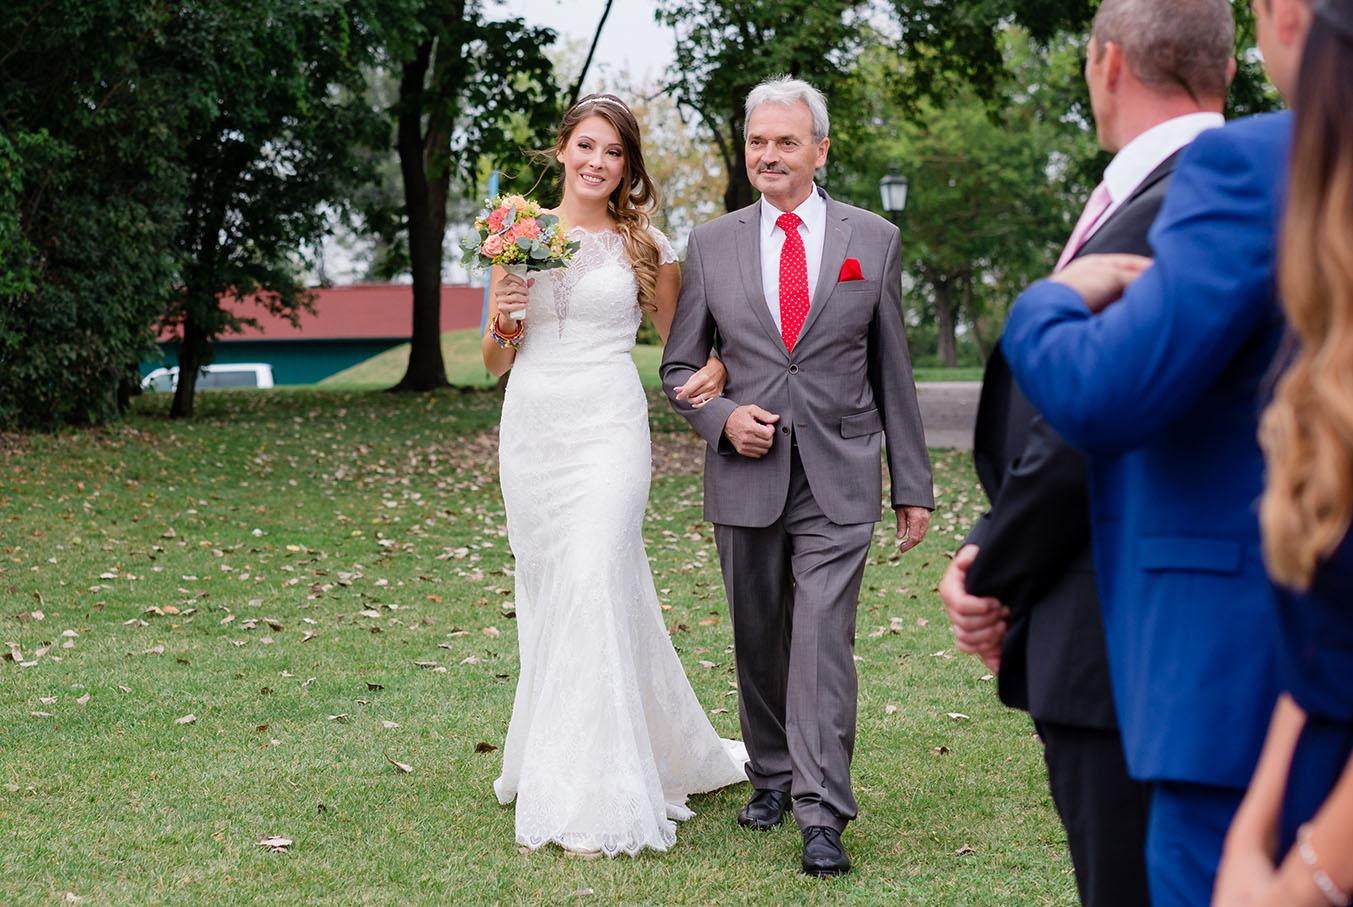 Vienna_Wien_Atzenbrugg_Hochzeit_Paar_Verlobung_Engagement_41